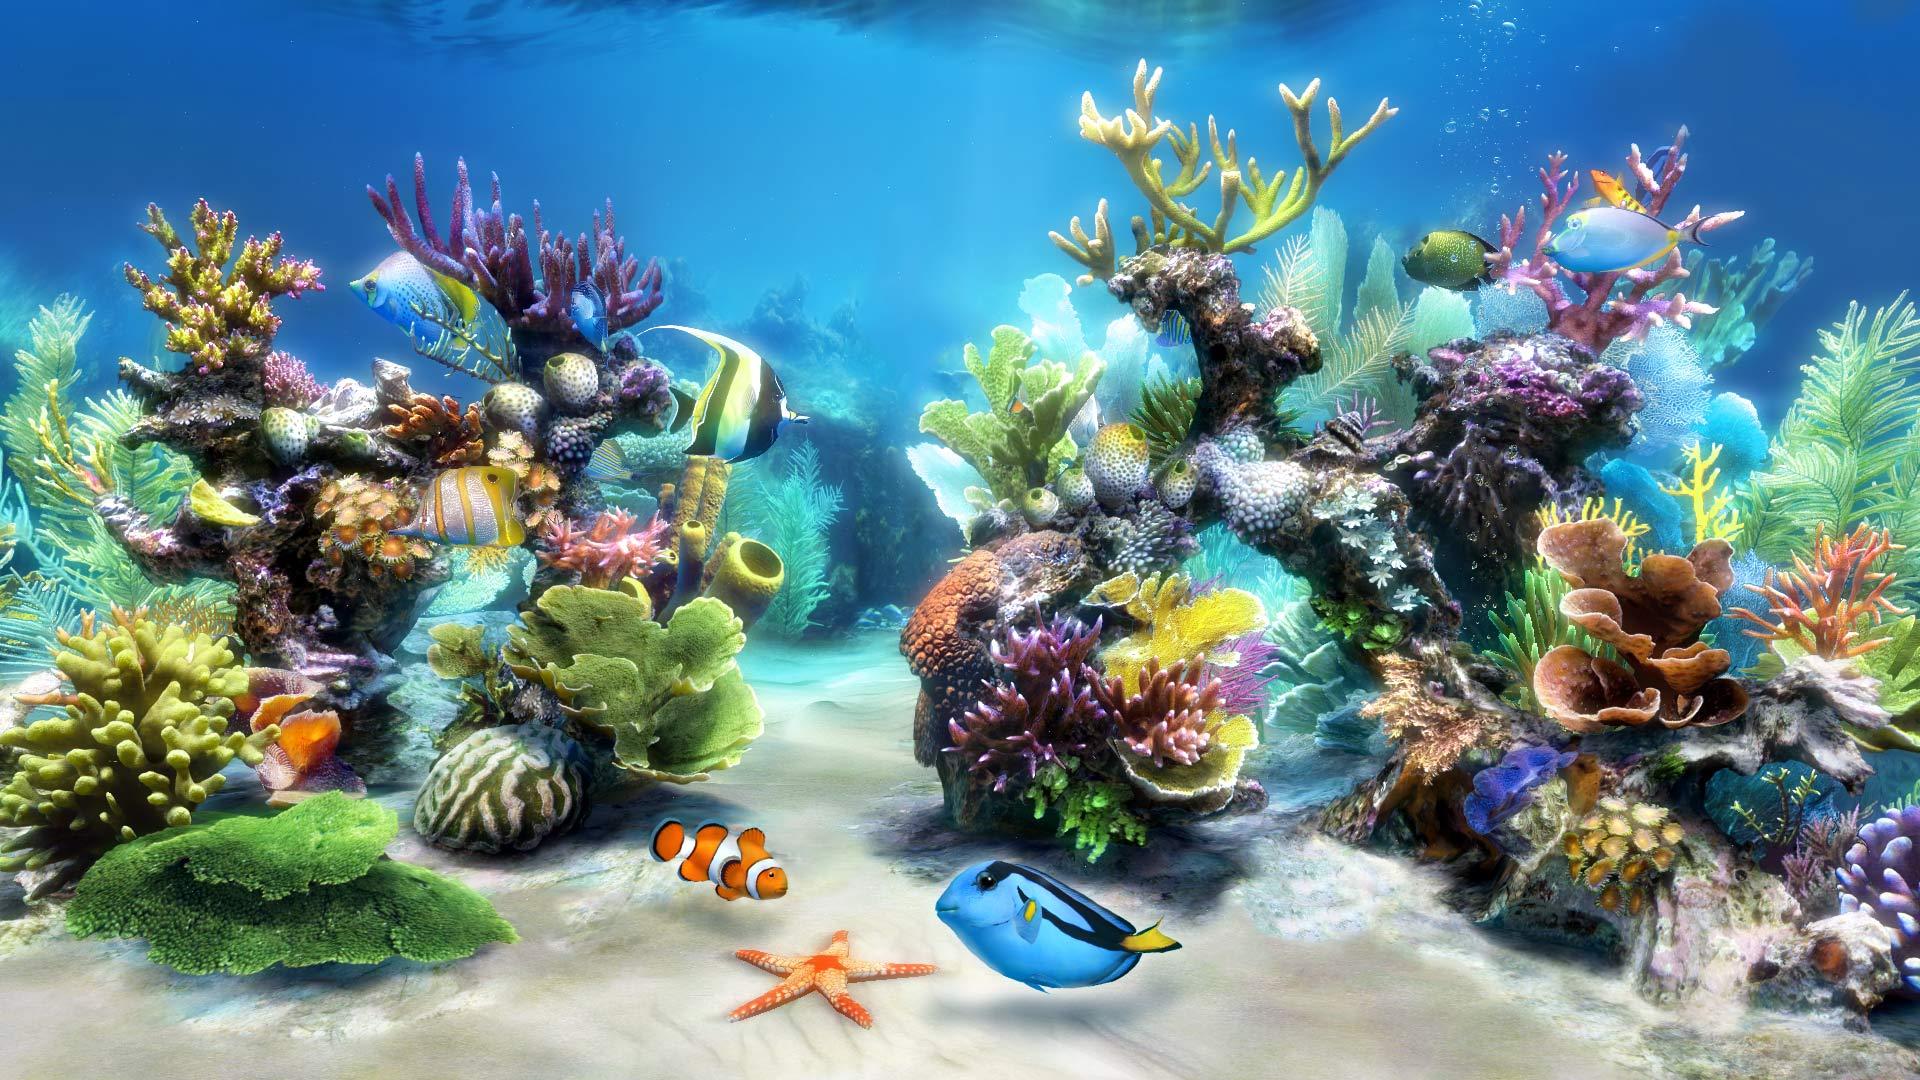 Sim Aquarium   Virtual Aquarium Screensaver and Live Wallpaper 1920x1080